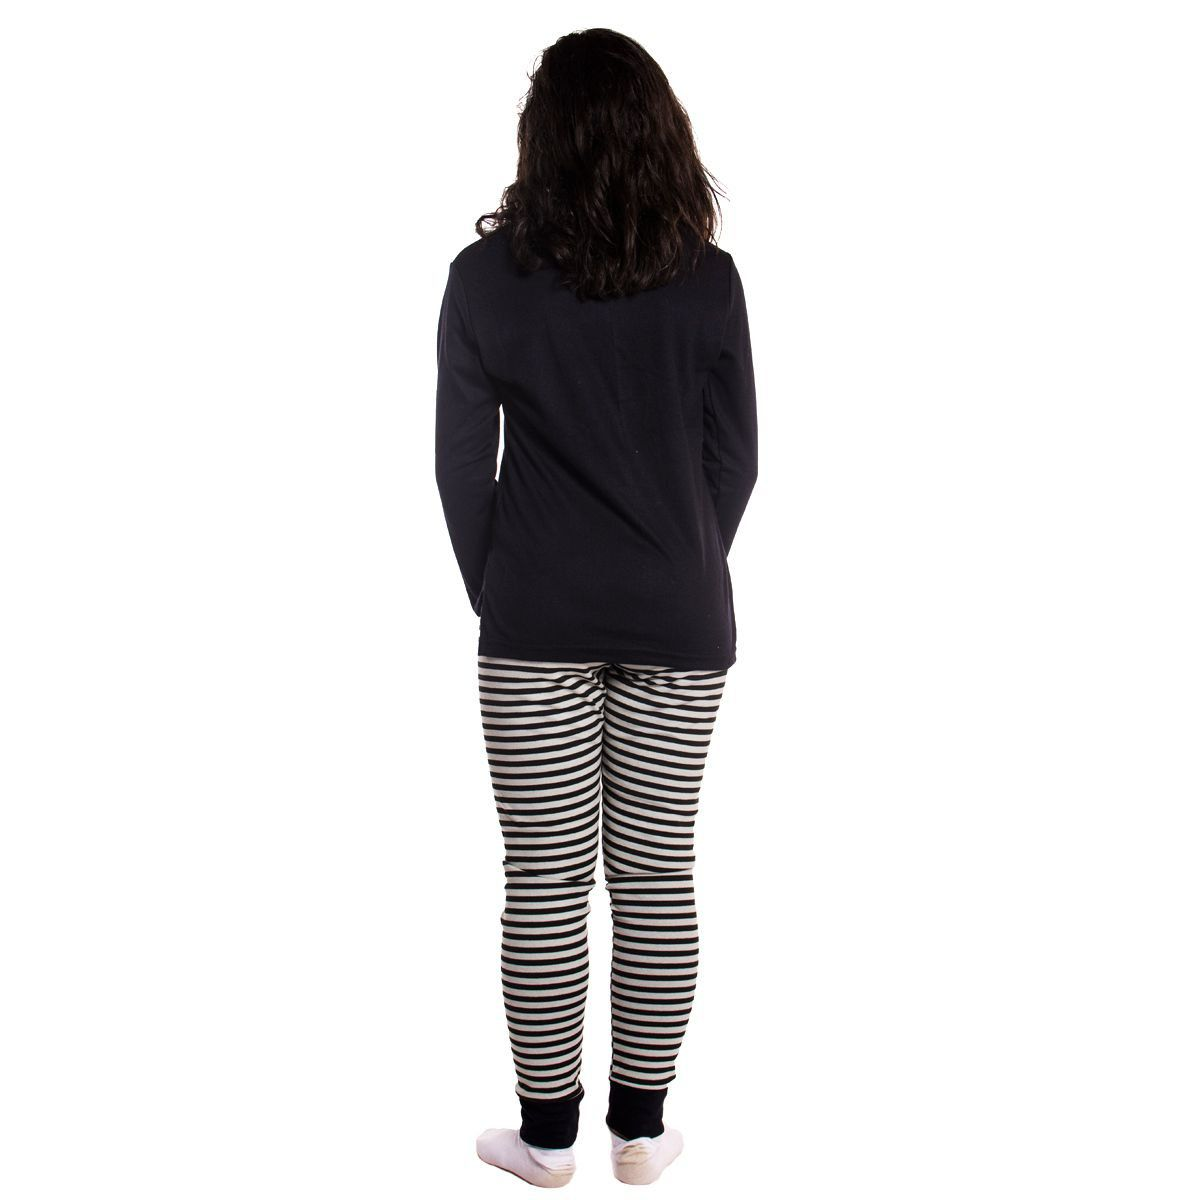 Pijama juvenil feminino de inverno estampado Victory